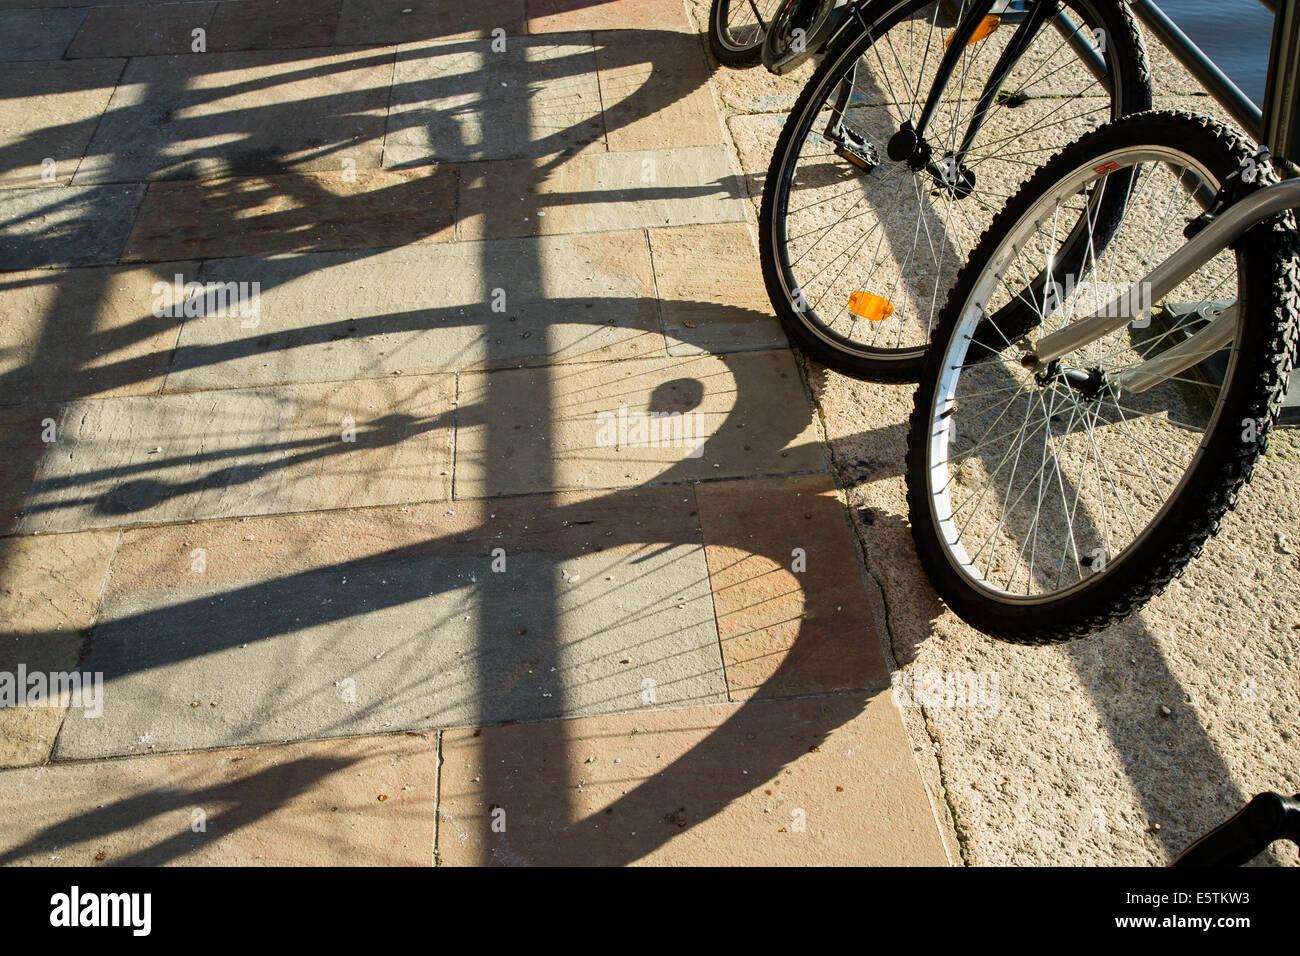 Bike shadows on pavement - Stock Image